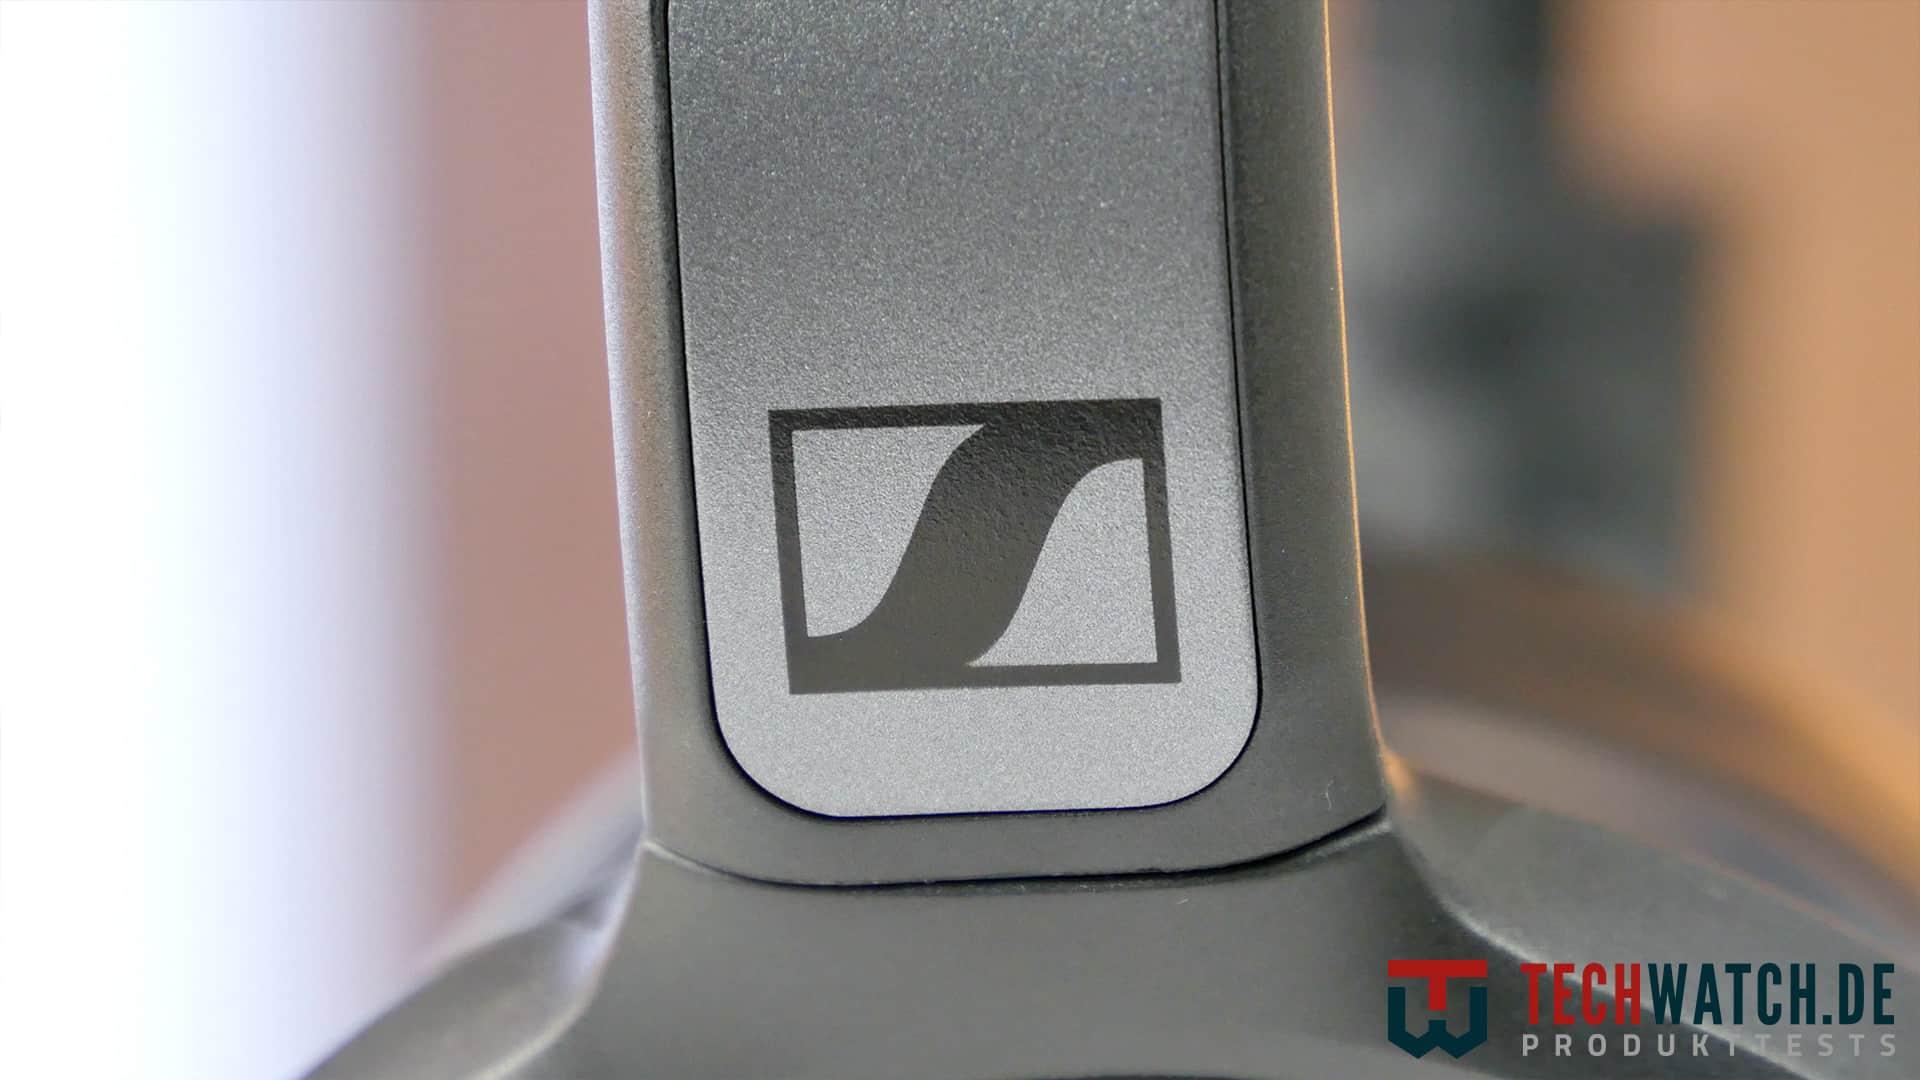 Sennheiser 4.40 BT Sennheiser Logo